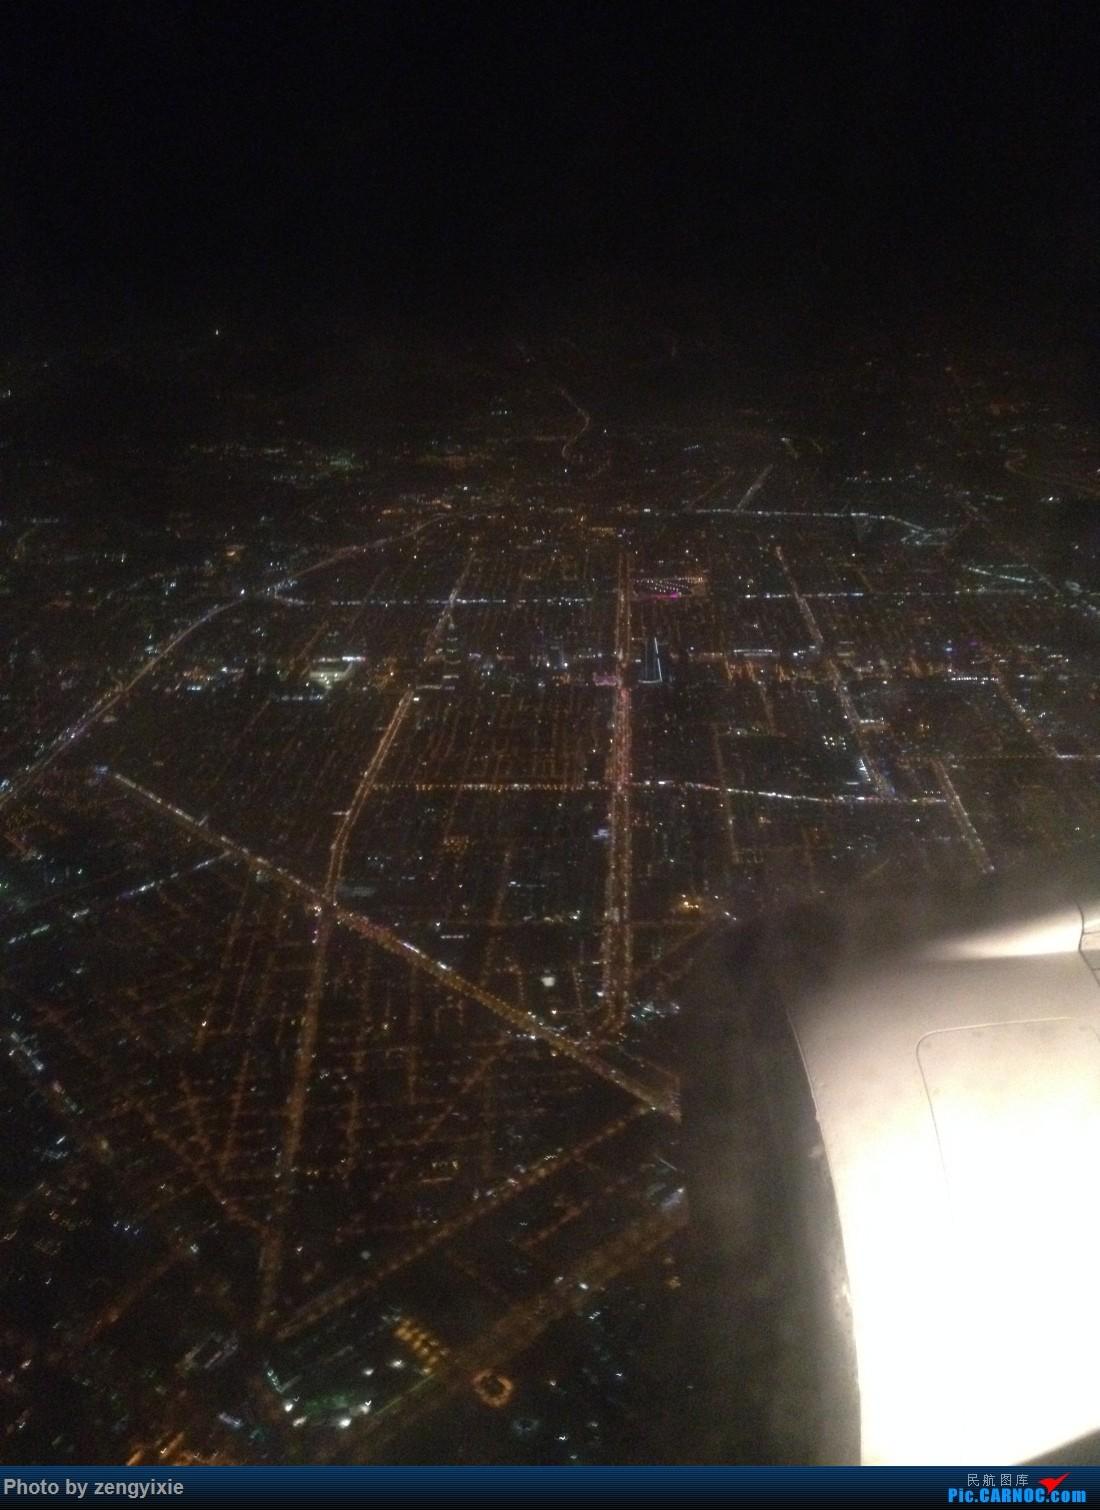 Dz走天下 2015大年埃及游返程沙特航空 埃及沙姆沙伊赫SSH 沙特利雅得RUH 广州CAN, 全程沙特航空